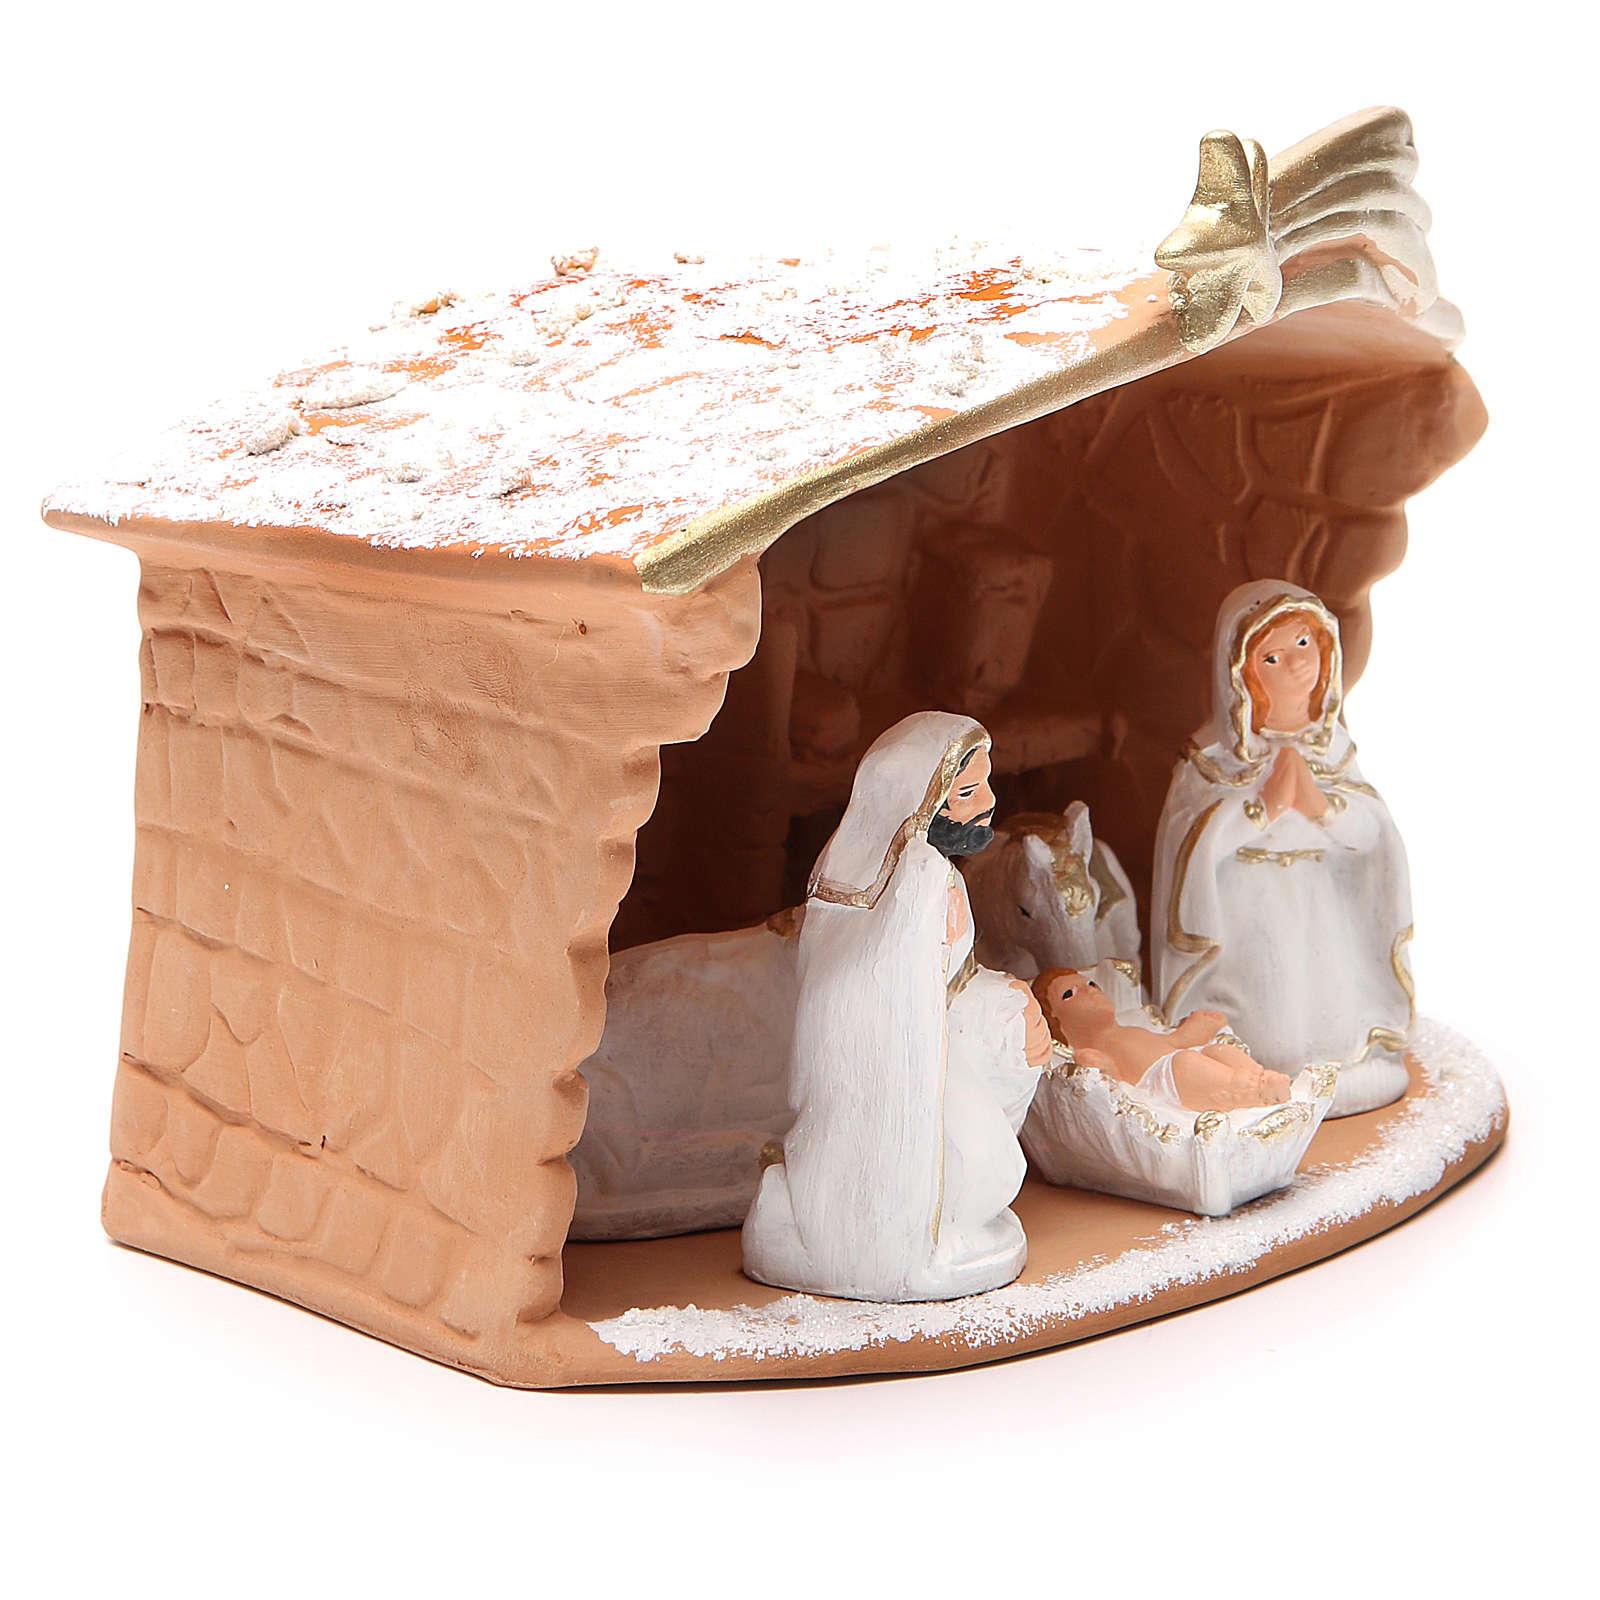 Nativité terre cuite décorée cabane et neige 20x10x16 cm 4